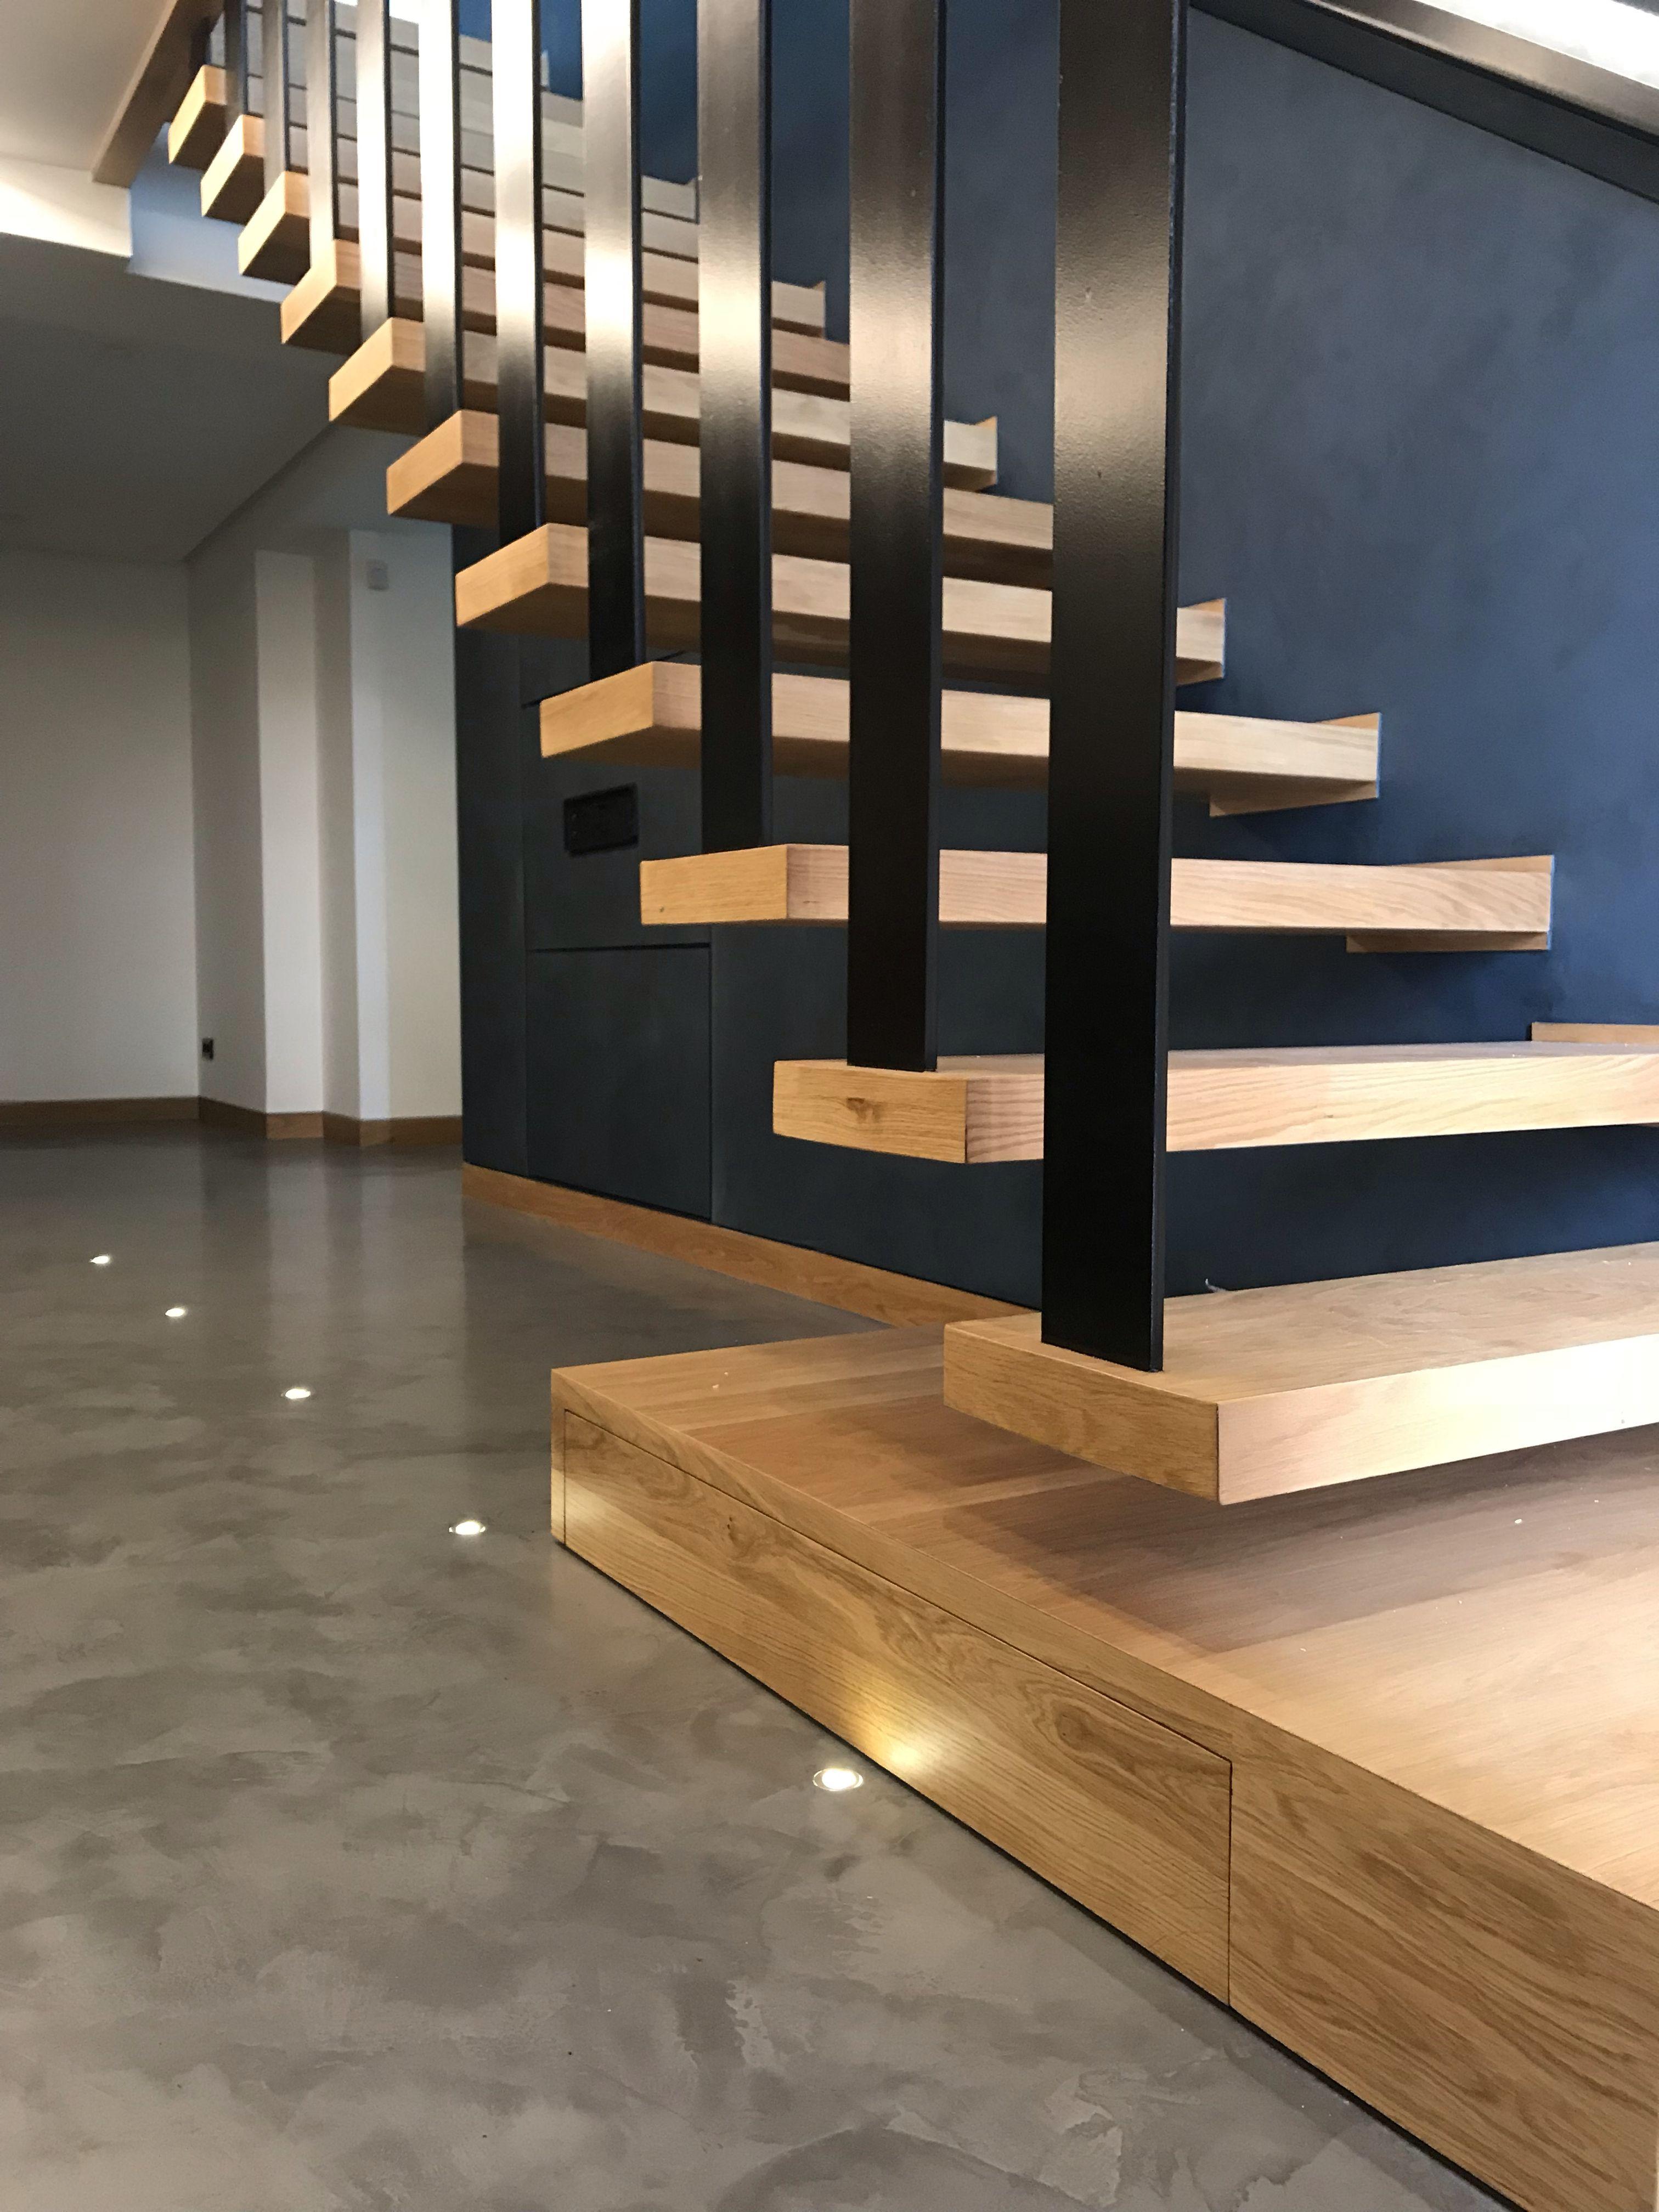 Dise o escalera volada pasos en madera roble natural for Escalera de madera 5 pasos